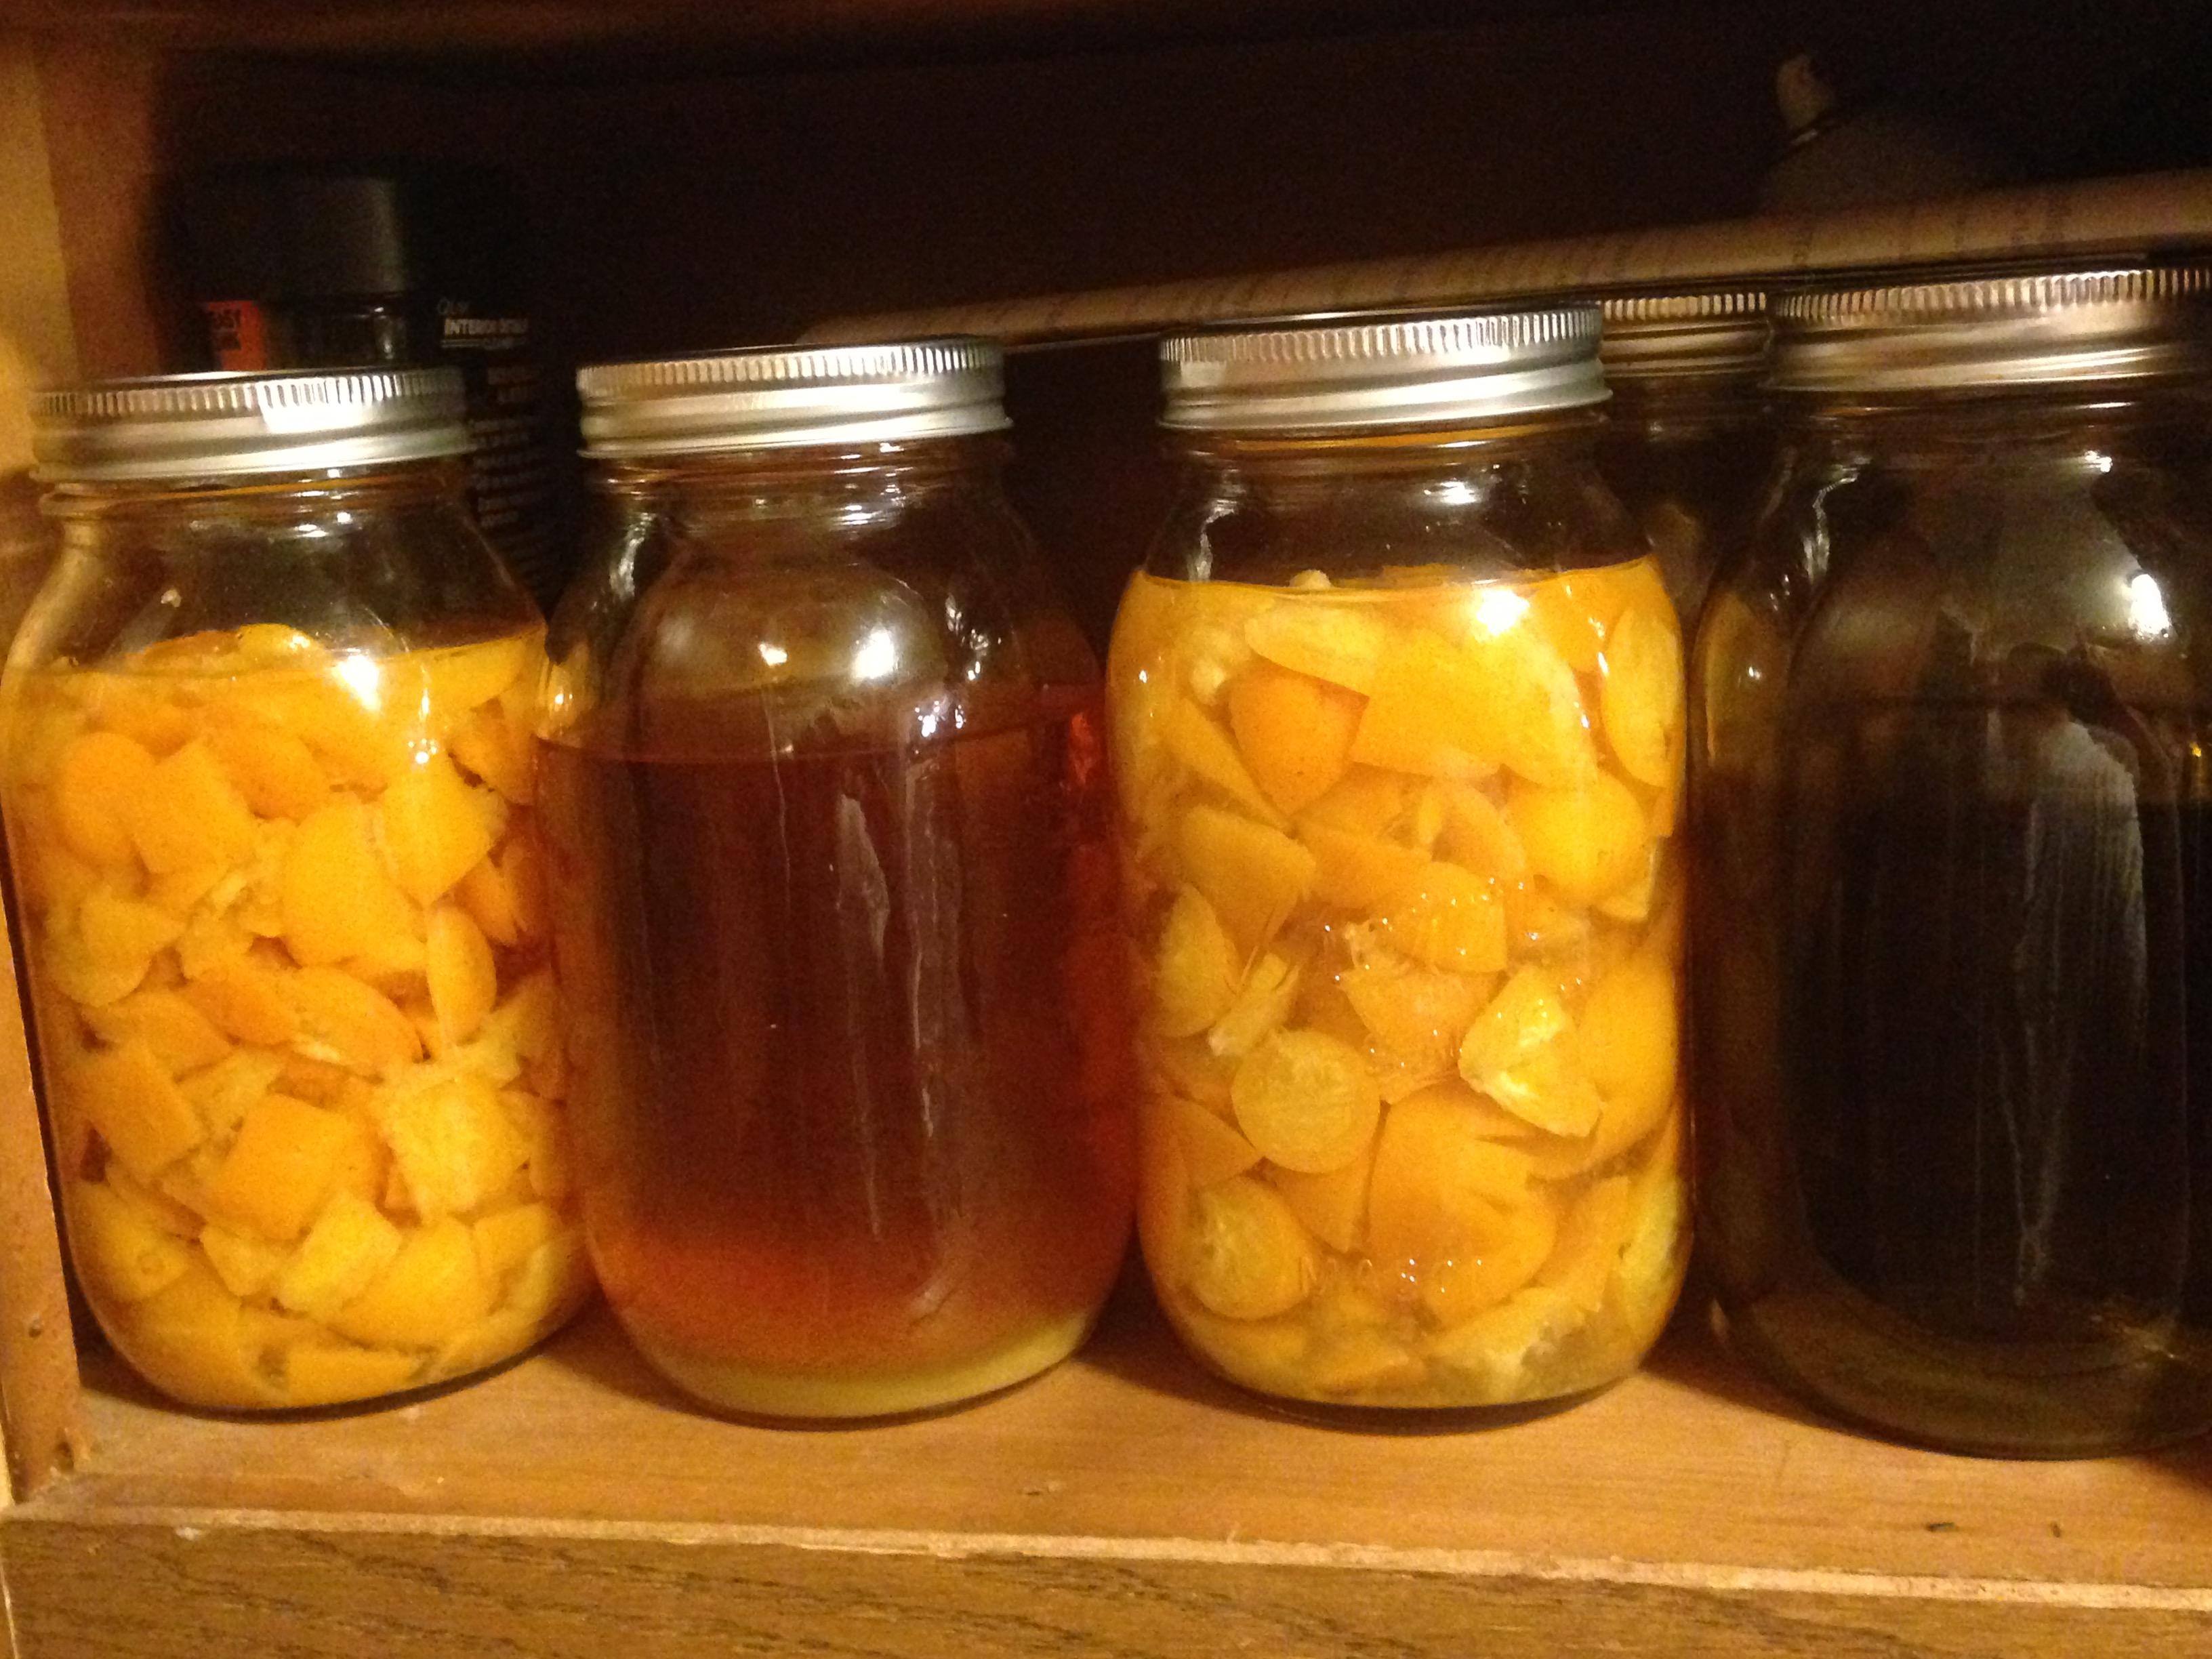 Satsuma and Kumquat Extract